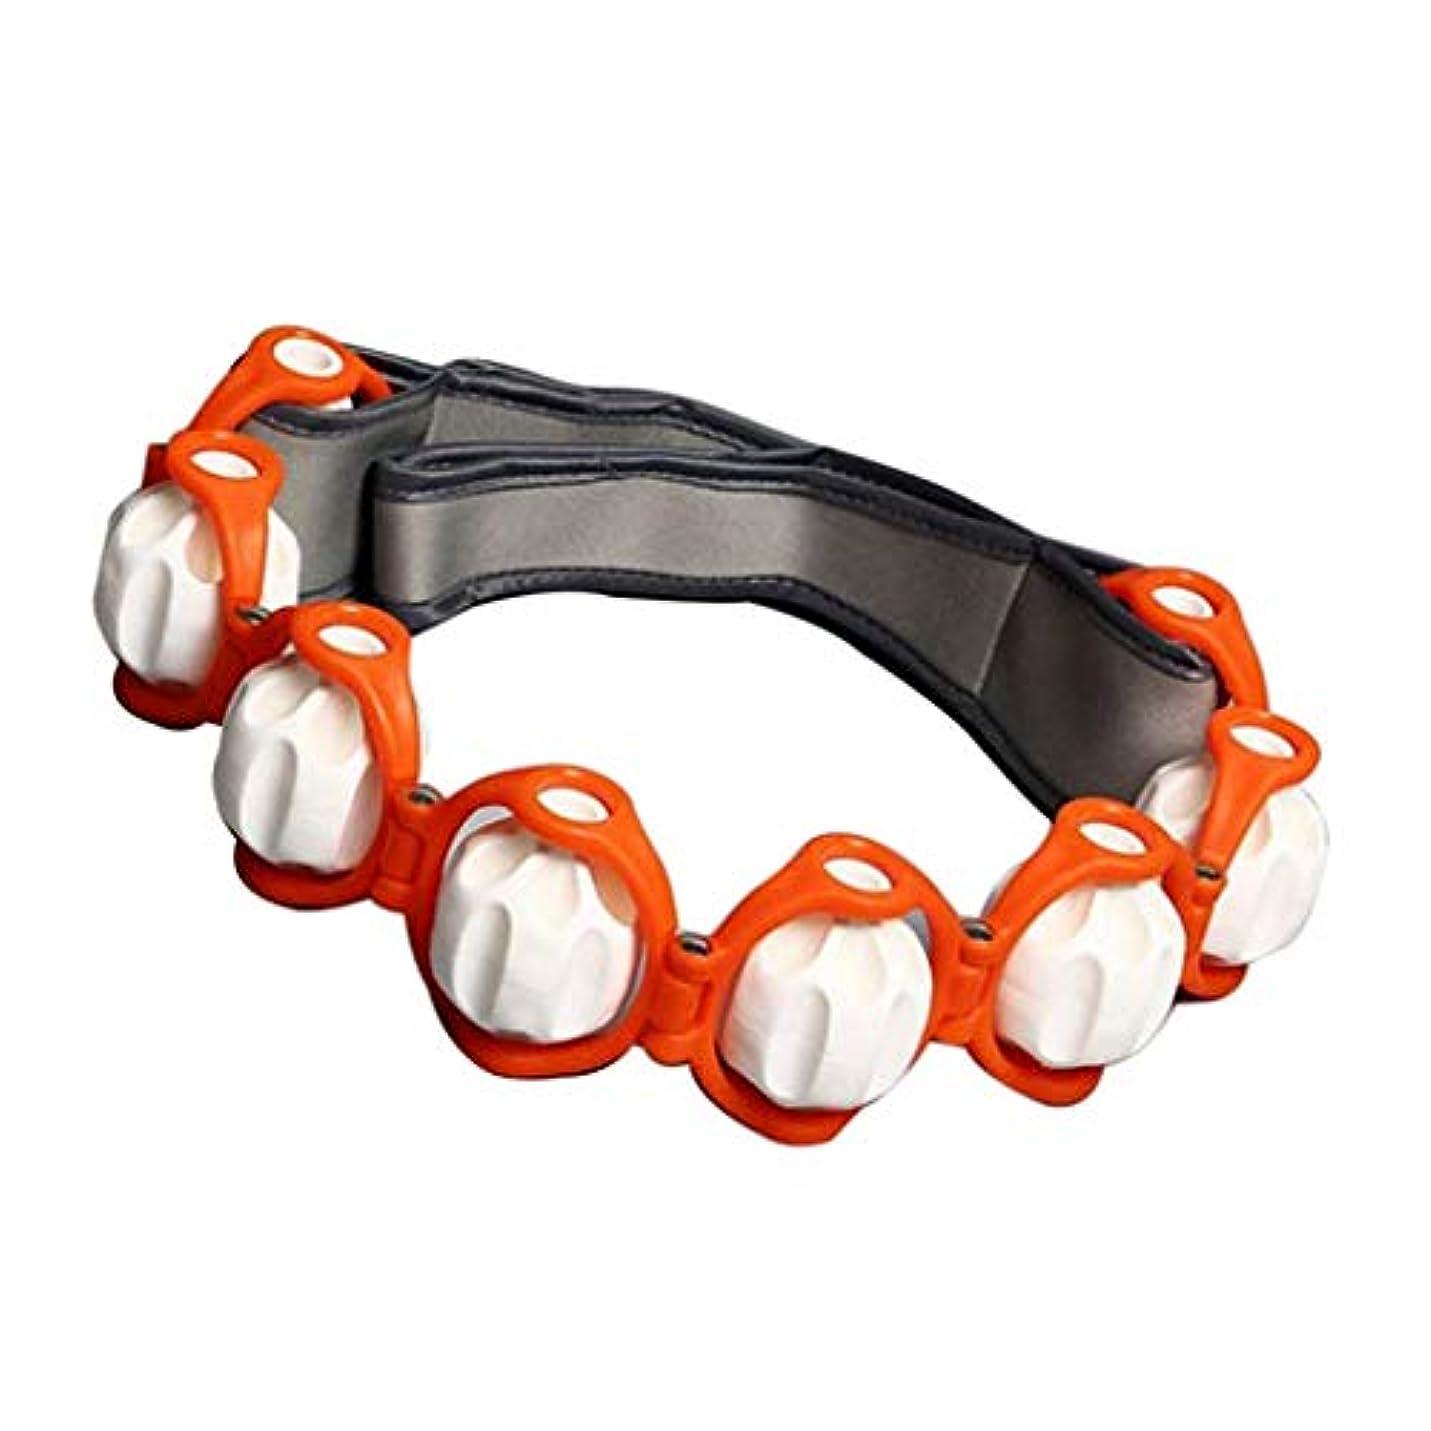 時計回りごめんなさい腹部マッサージローラー トリガーポイント 筋膜リリース 筋肉マッサージ マッサージツール4色選べ - オレンジ